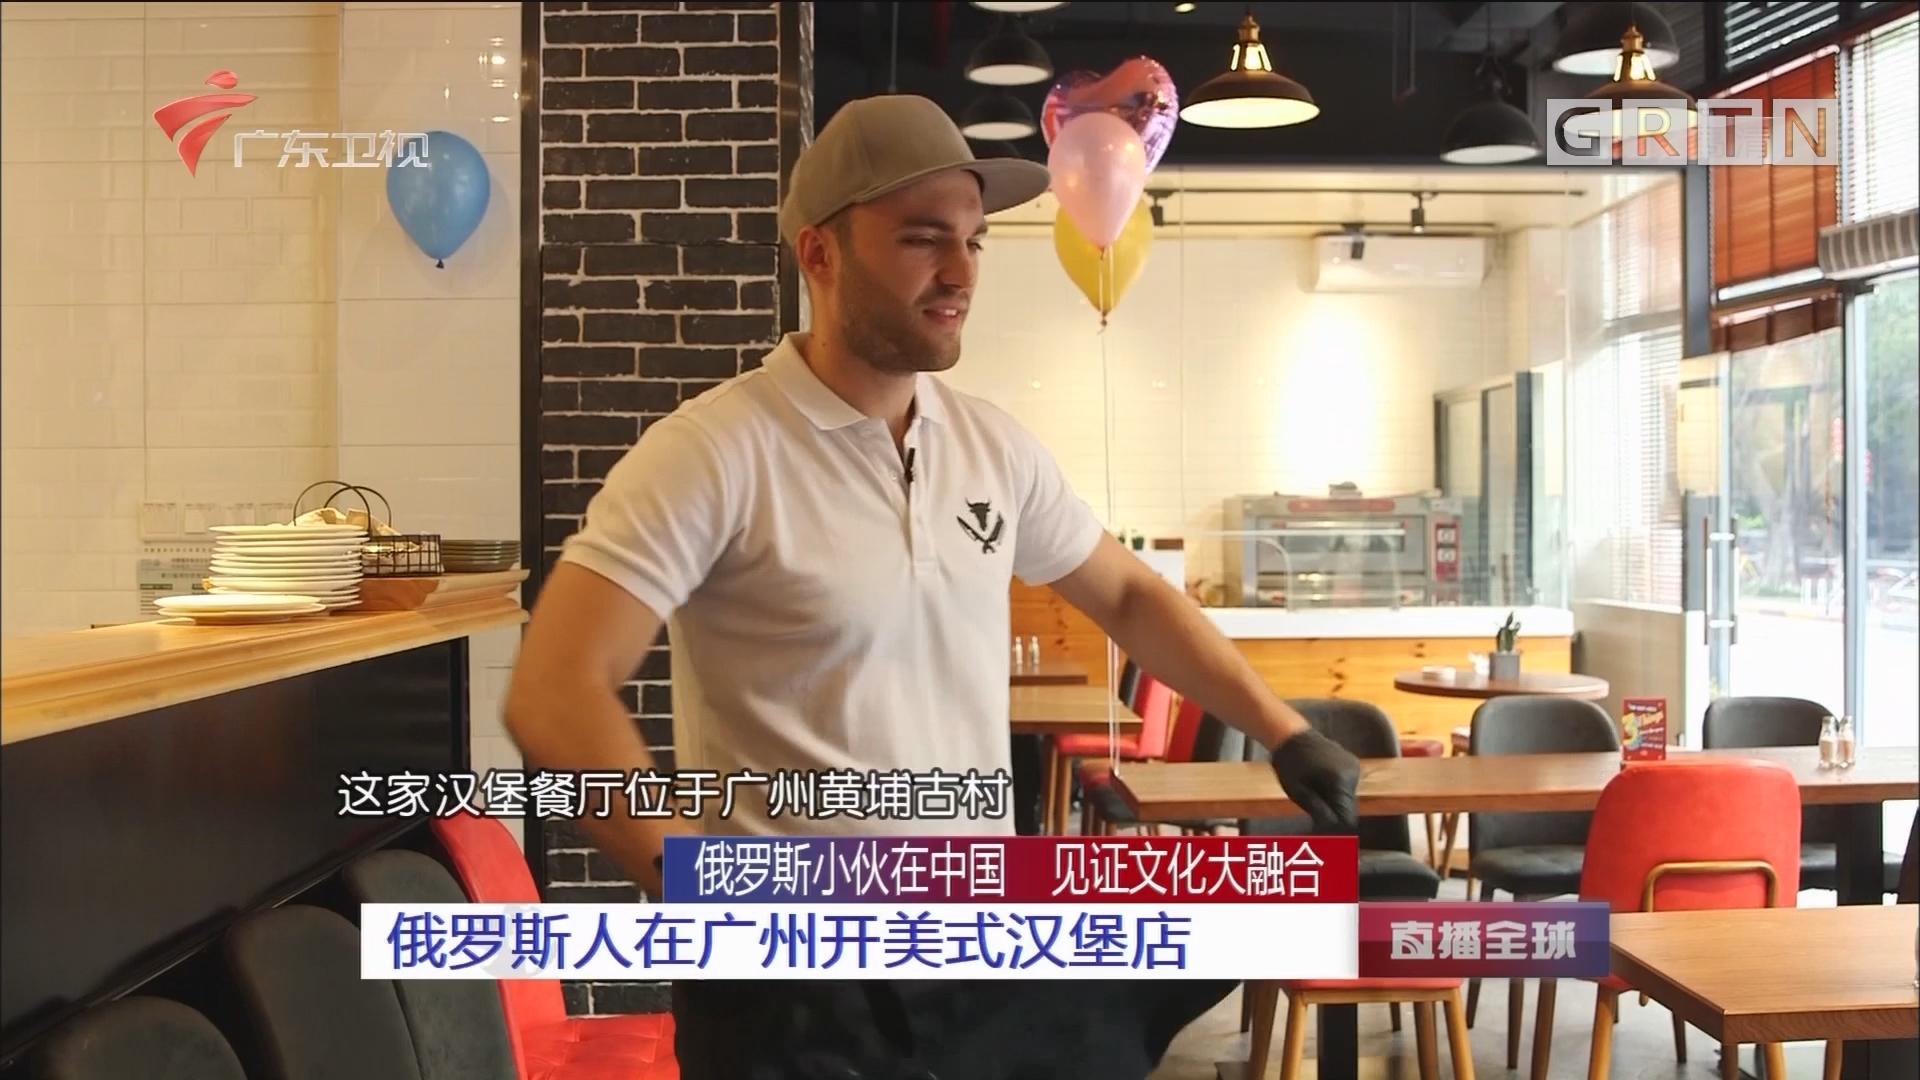 俄罗斯小伙在中国 见证文化大融合:俄罗斯人在广州开美式汉堡店